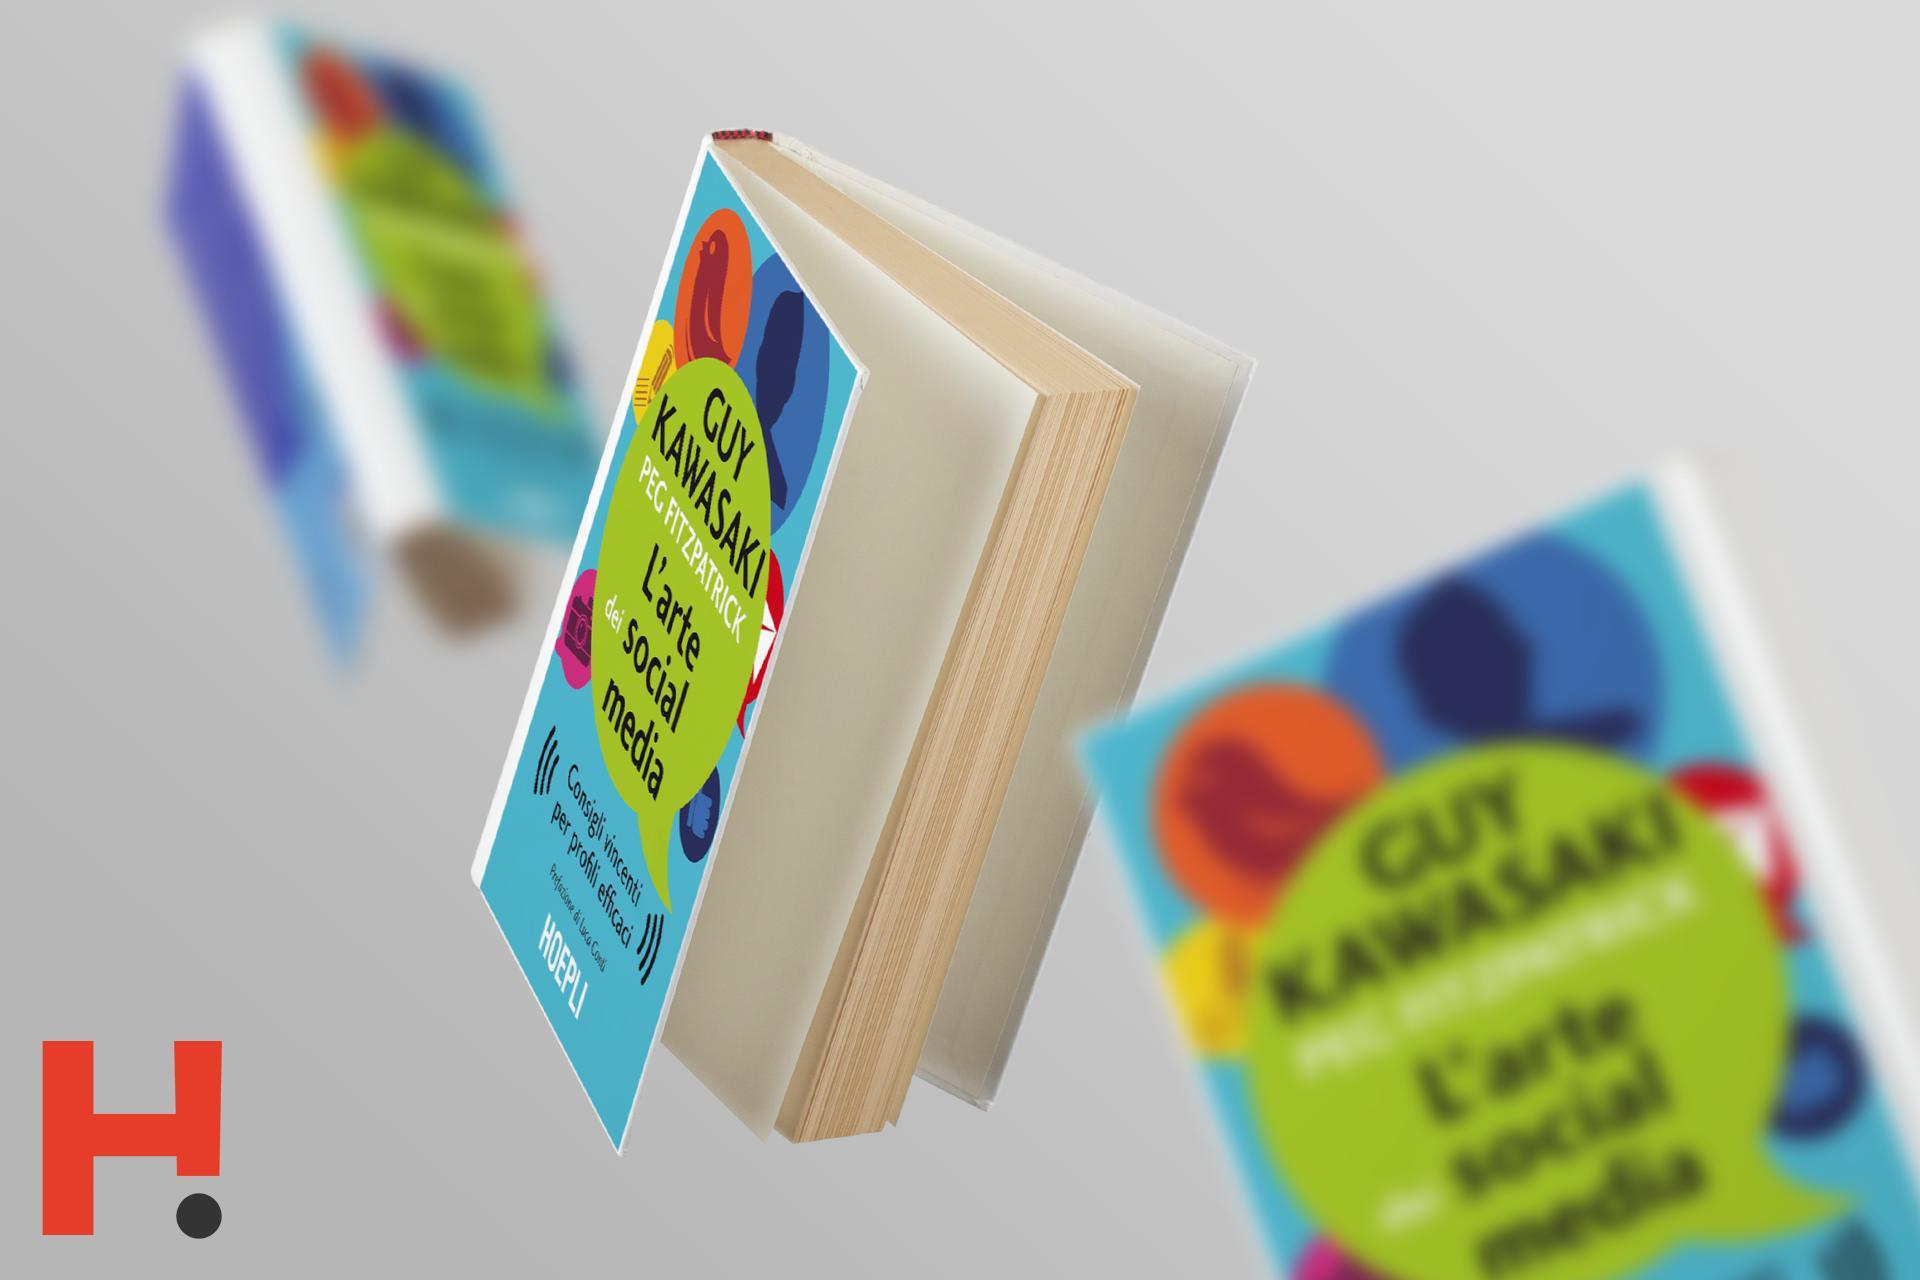 L'Arte dei Social Media di Guy Kawasaki & Peg Fitzpatrick [Libri sul Web Marketing]